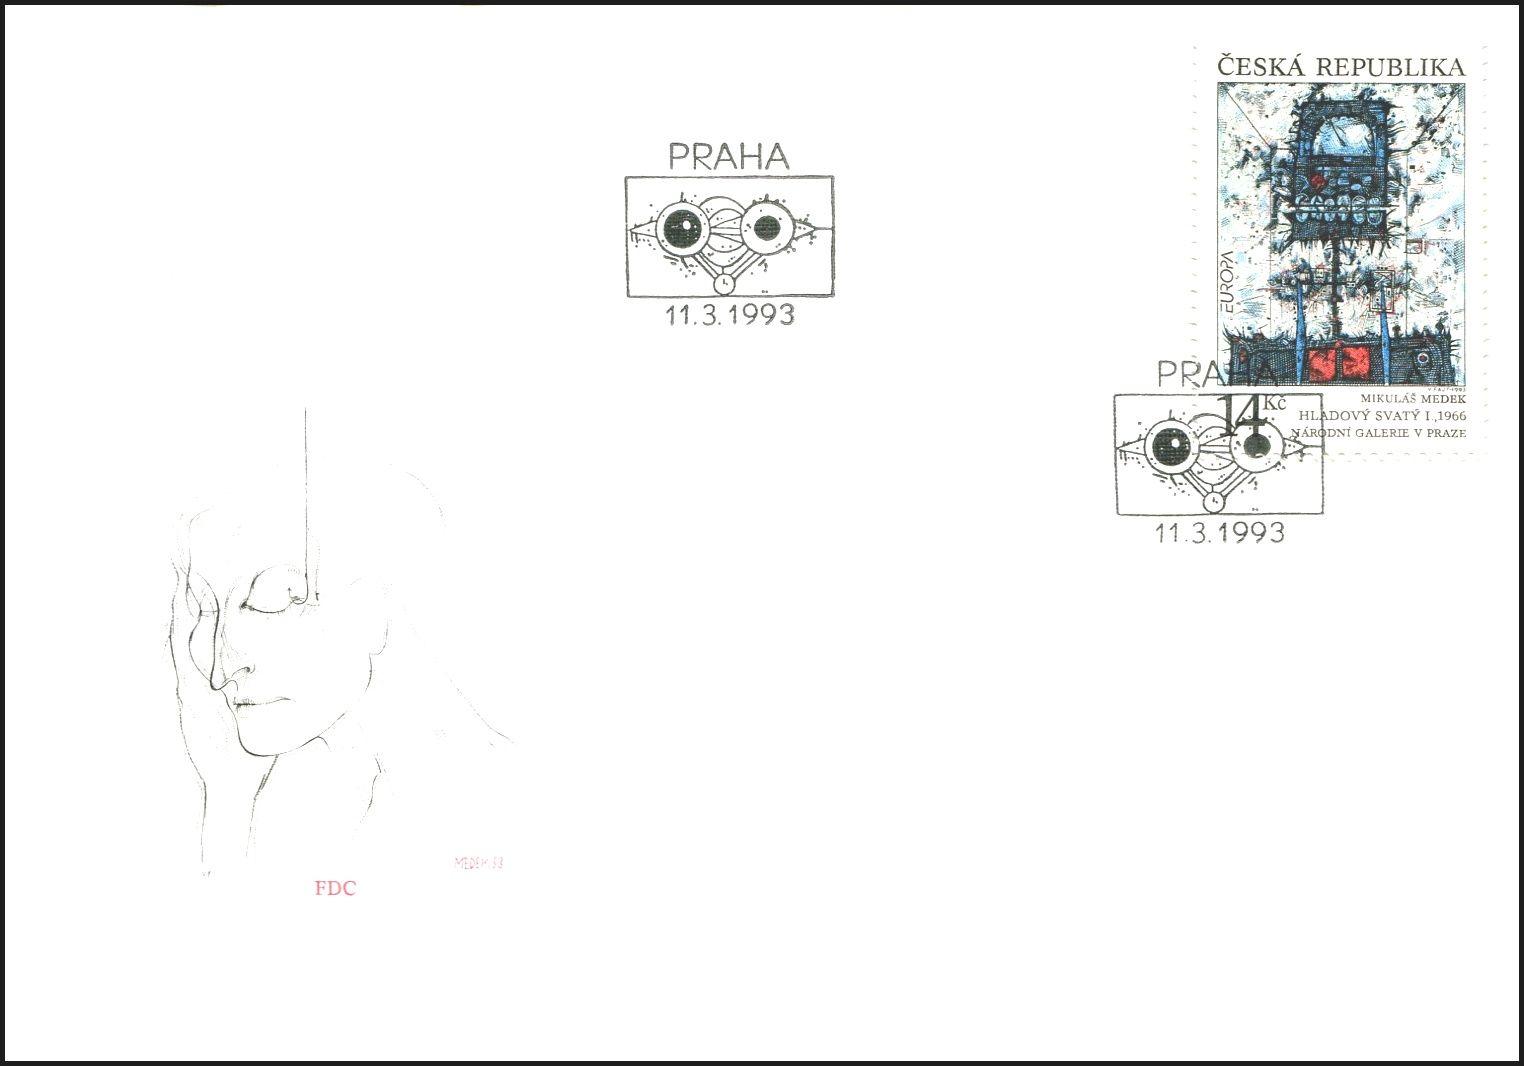 (1993) FDC 5 - EUROPA - Hladový svatý